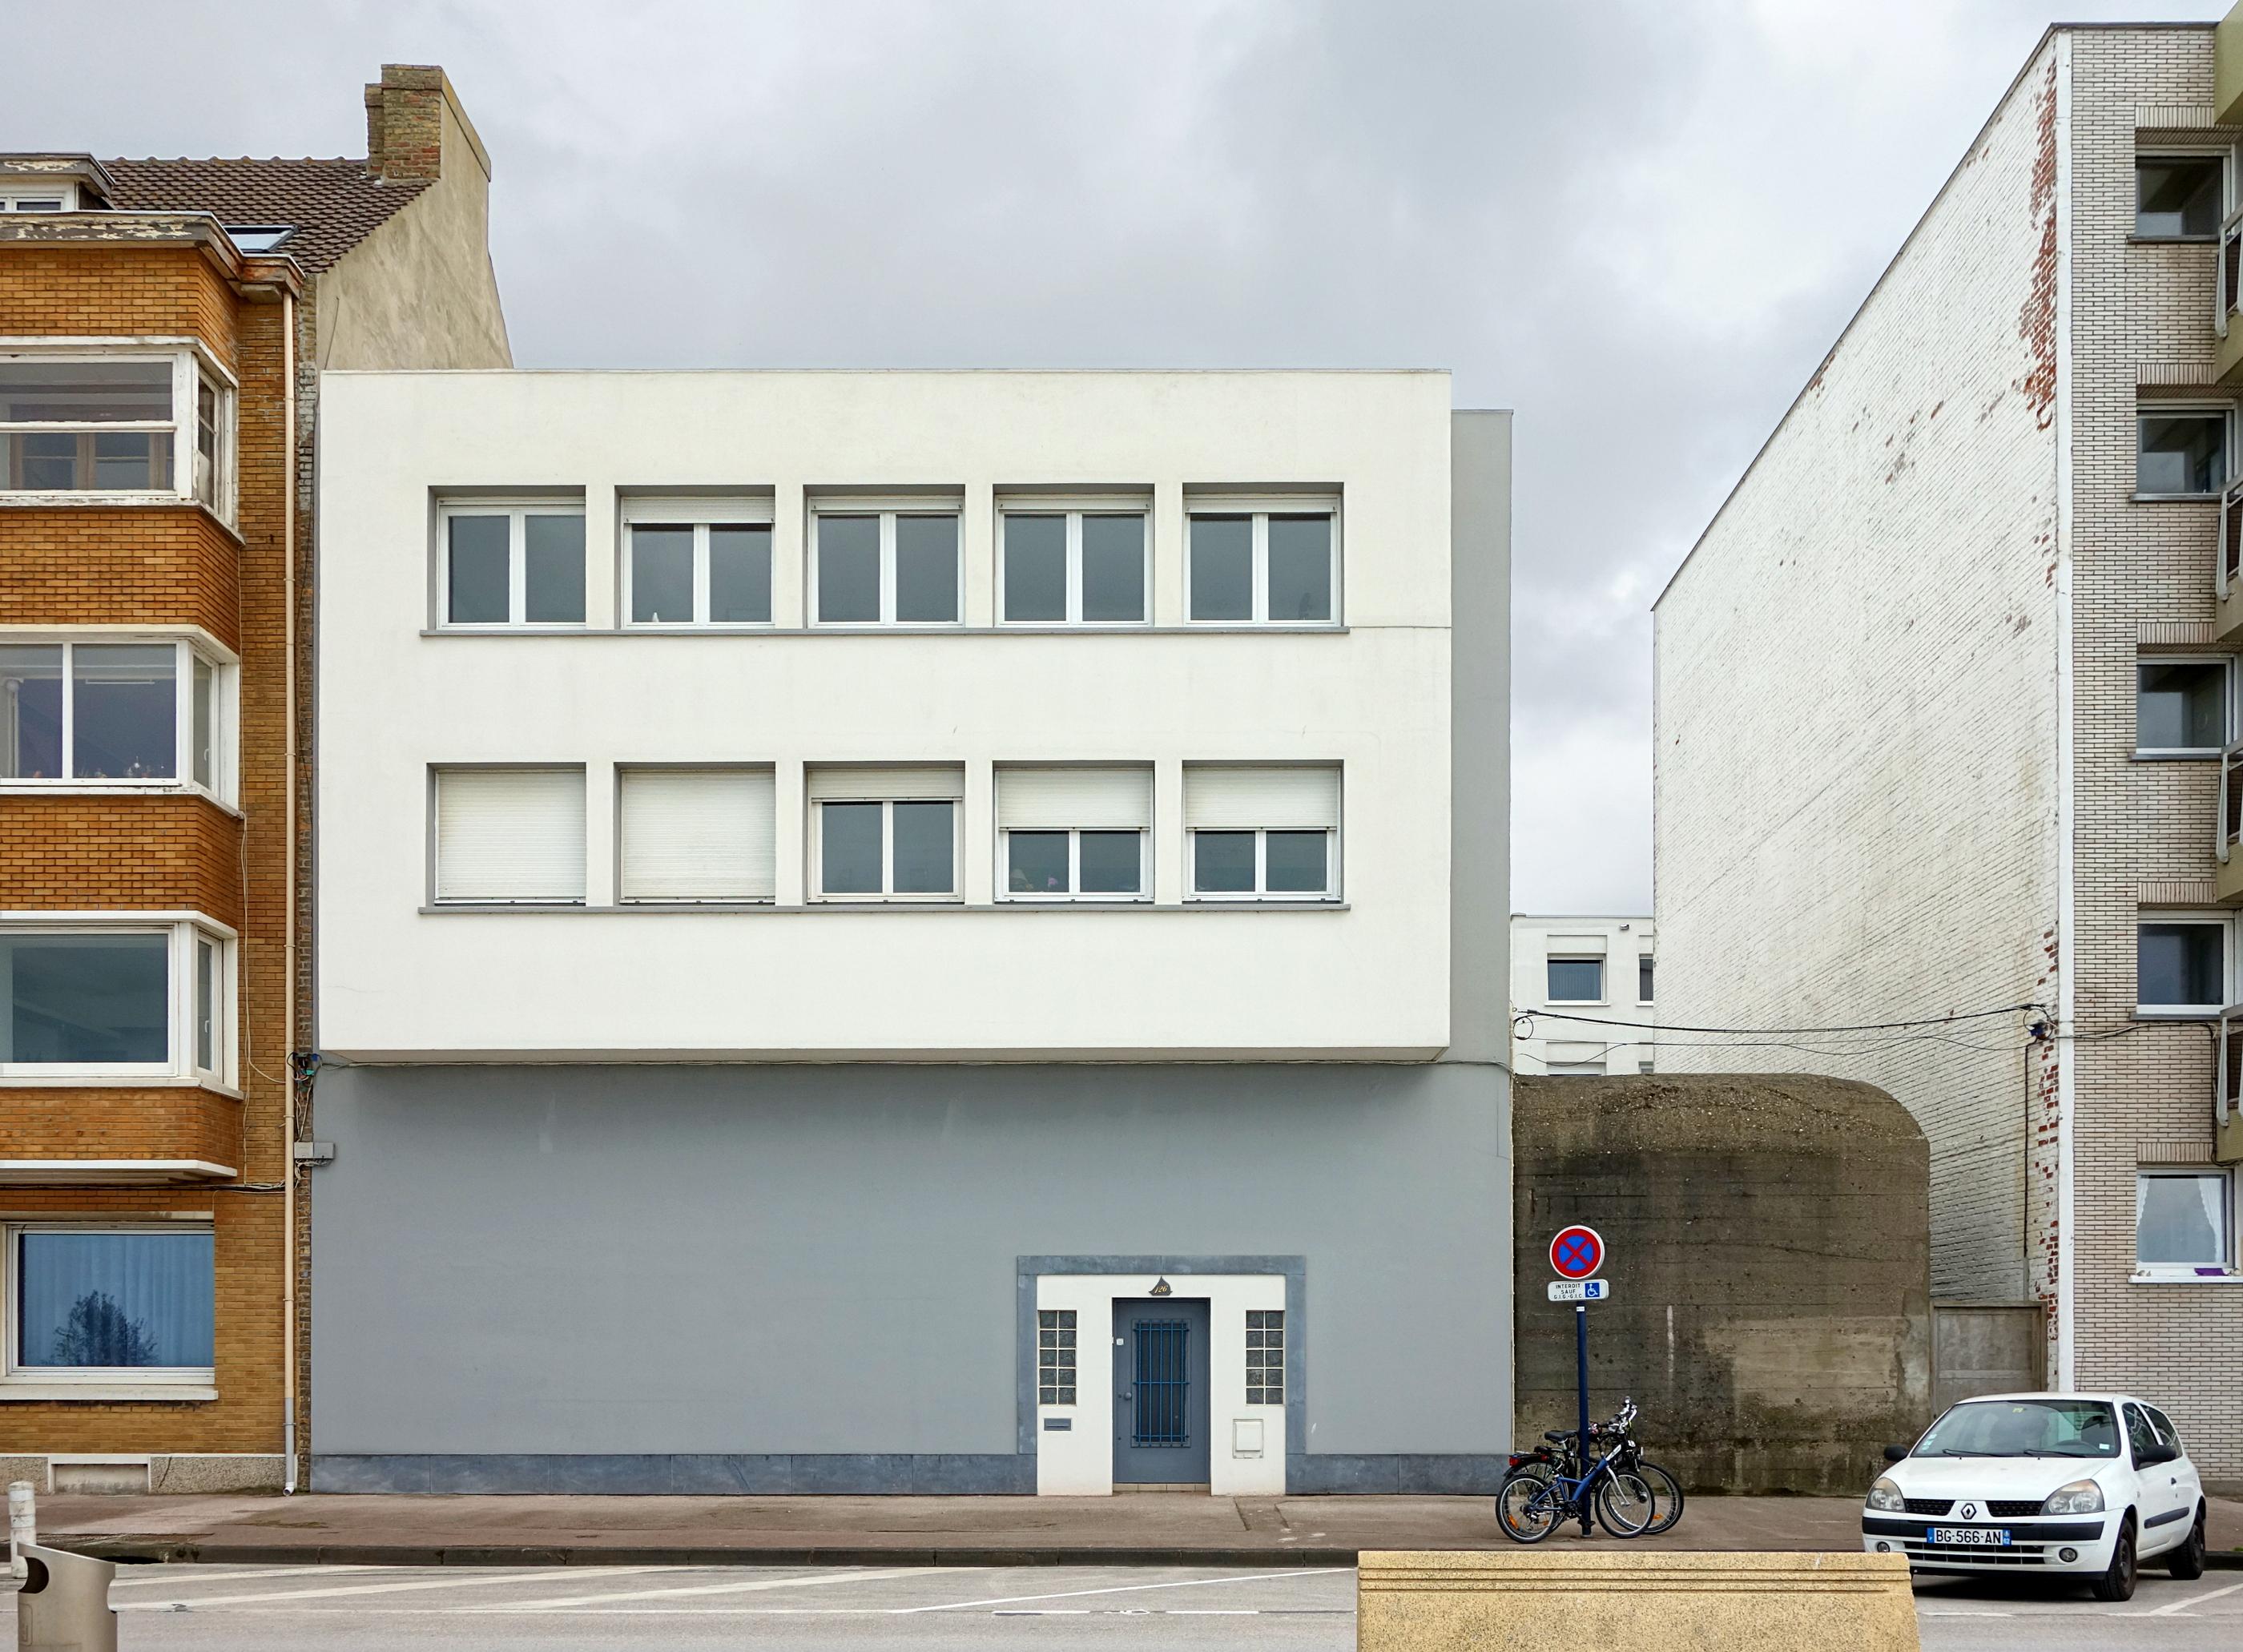 File:Malo maison blockhaus.jpg